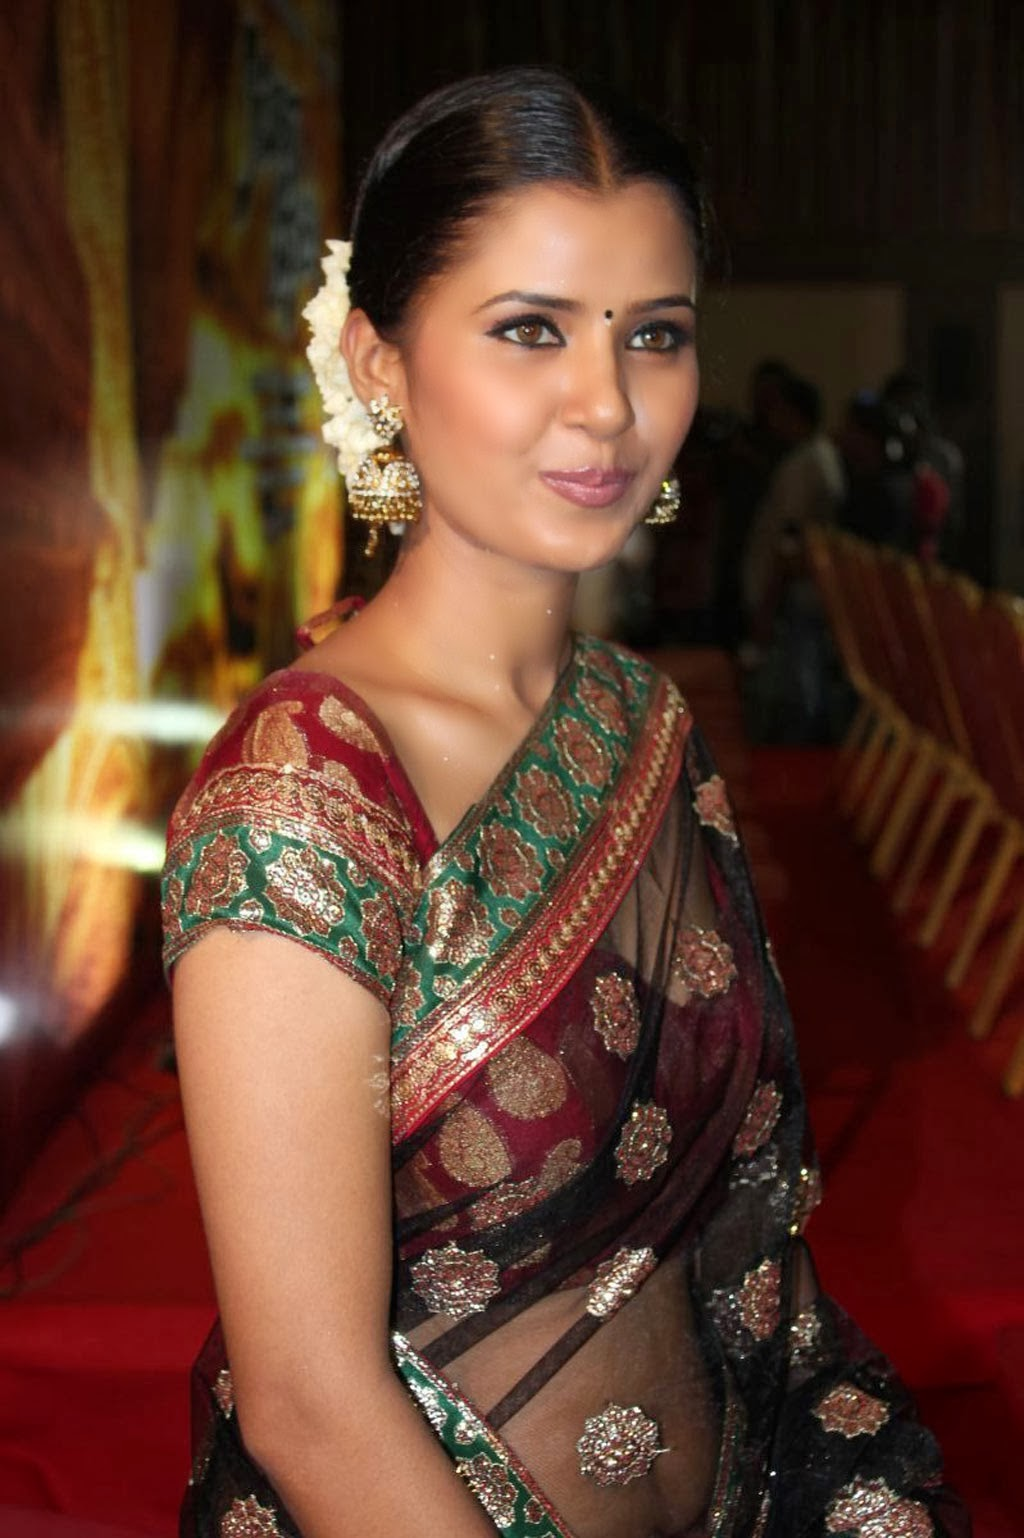 Transparent Saree: Jennifer Latest Hot Navel Show Photos In Transparent Saree